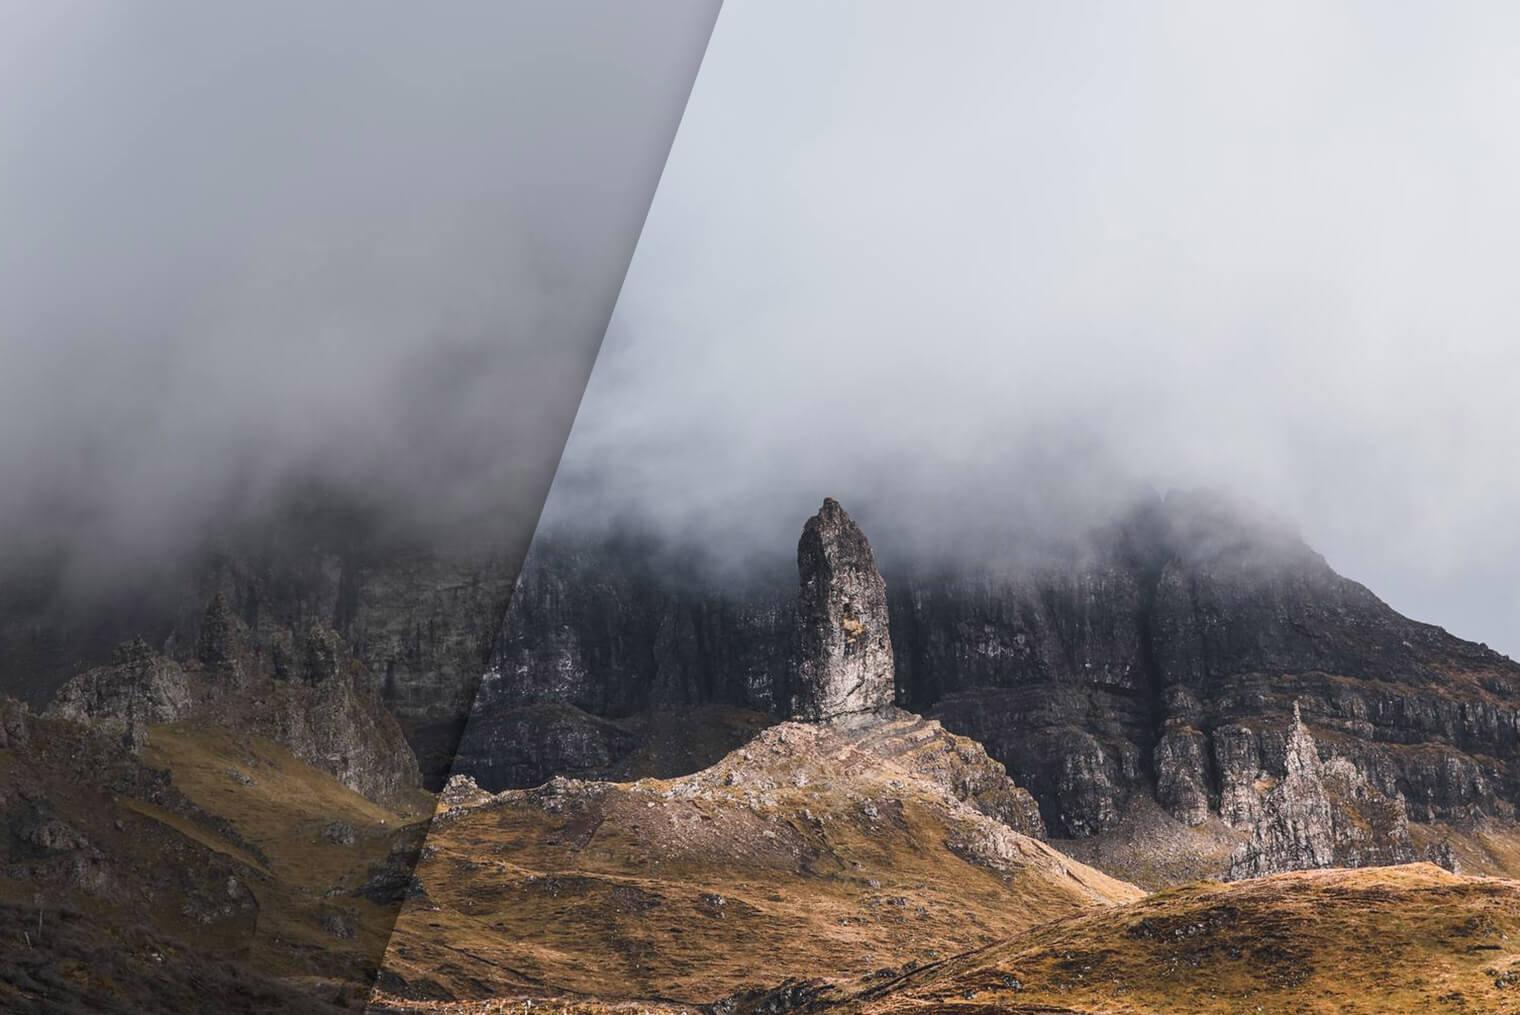 Presets de Lightroom gratis para paisajes oscuros y caprichosos